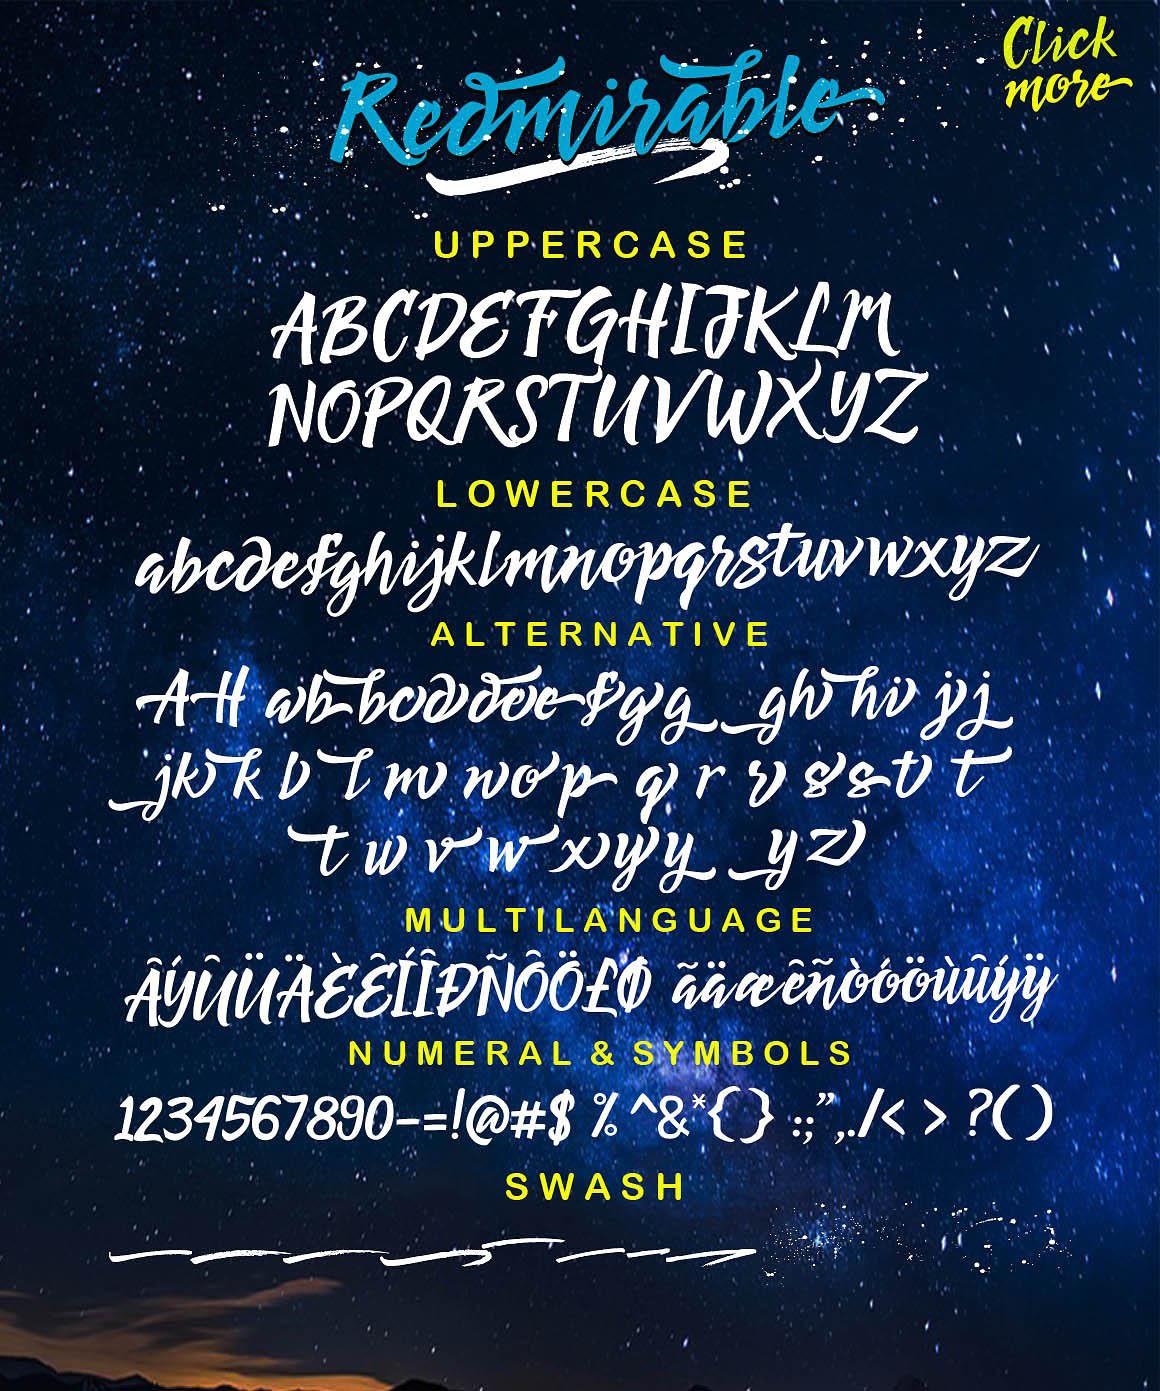 Redmirable font 3